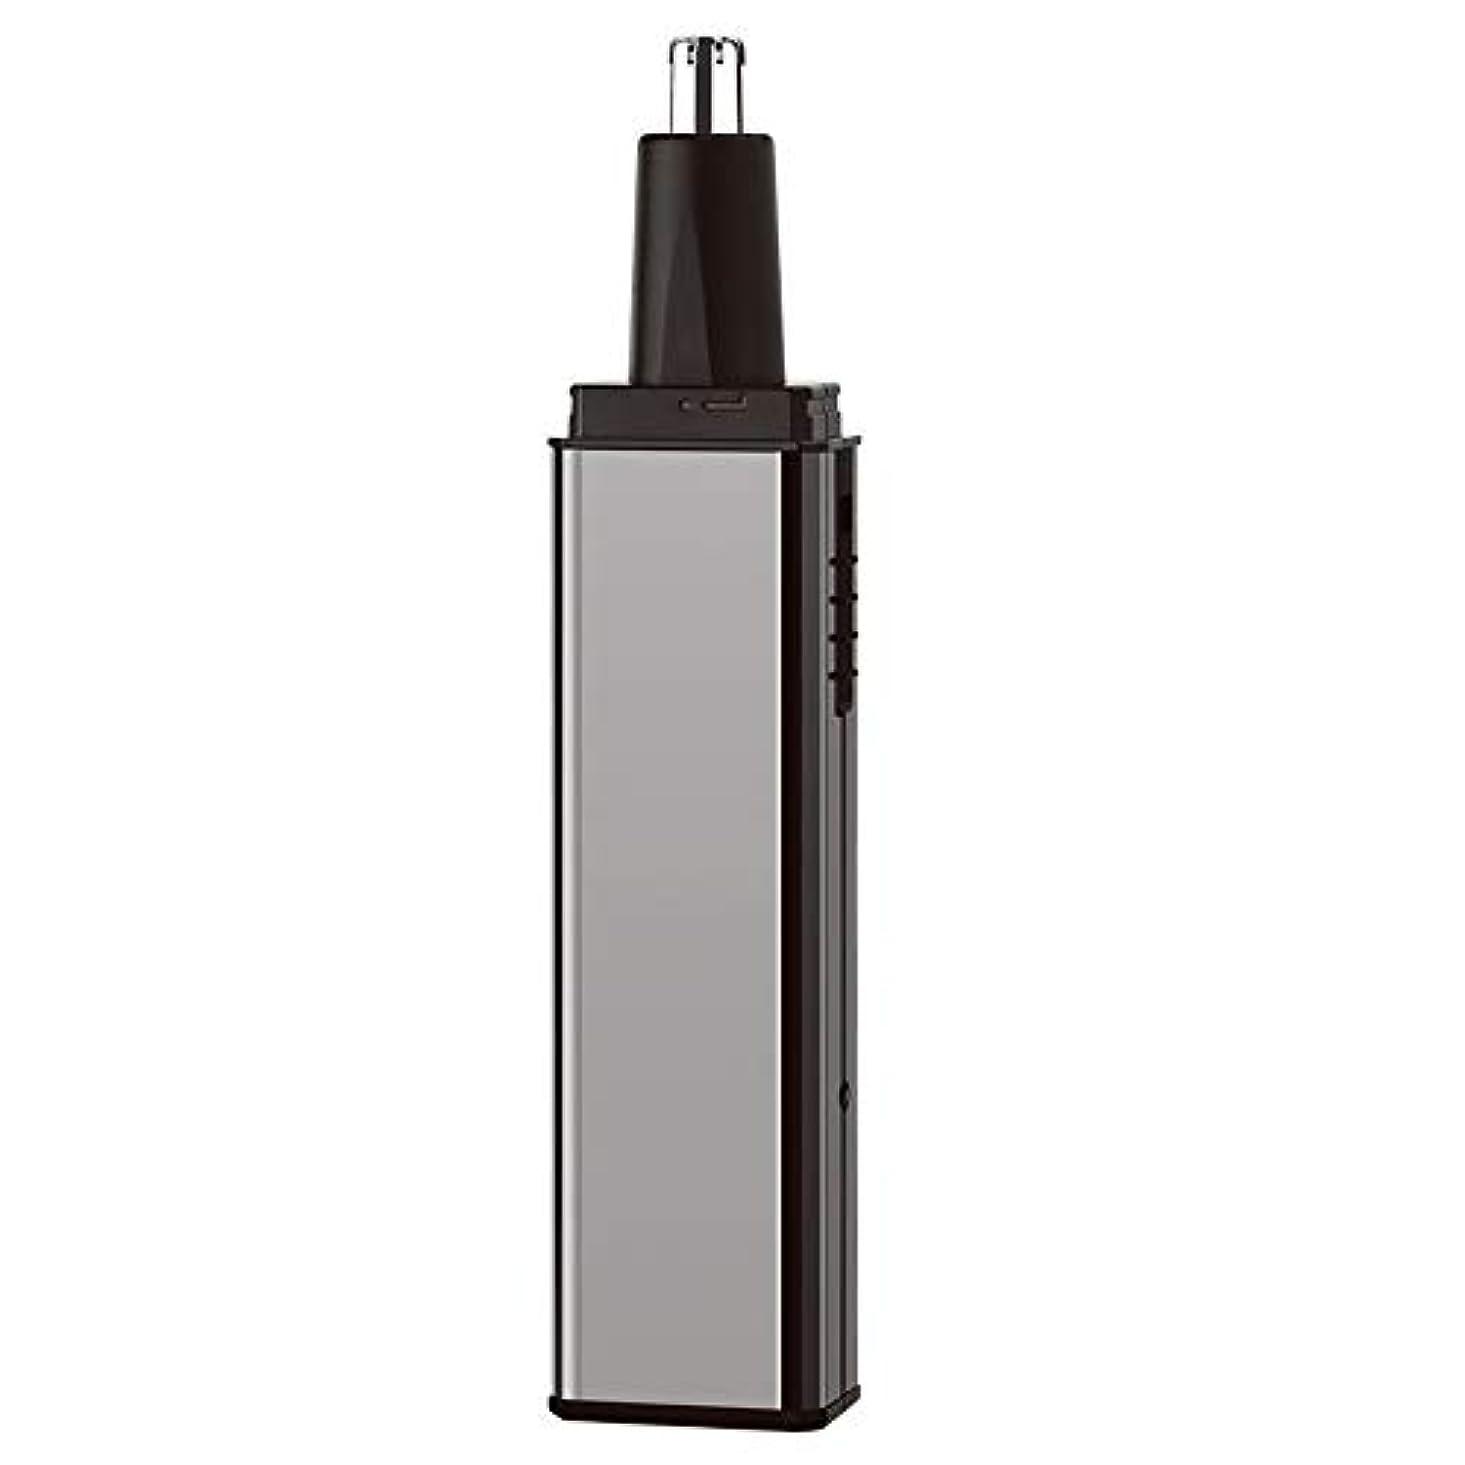 振る哲学的キャンペーン鼻毛トリマー-多機能スーツフォーインワン/電気鼻毛トリマー/ステンレススチール/多機能/ 13.5 * 2.7cm 持つ価値があります